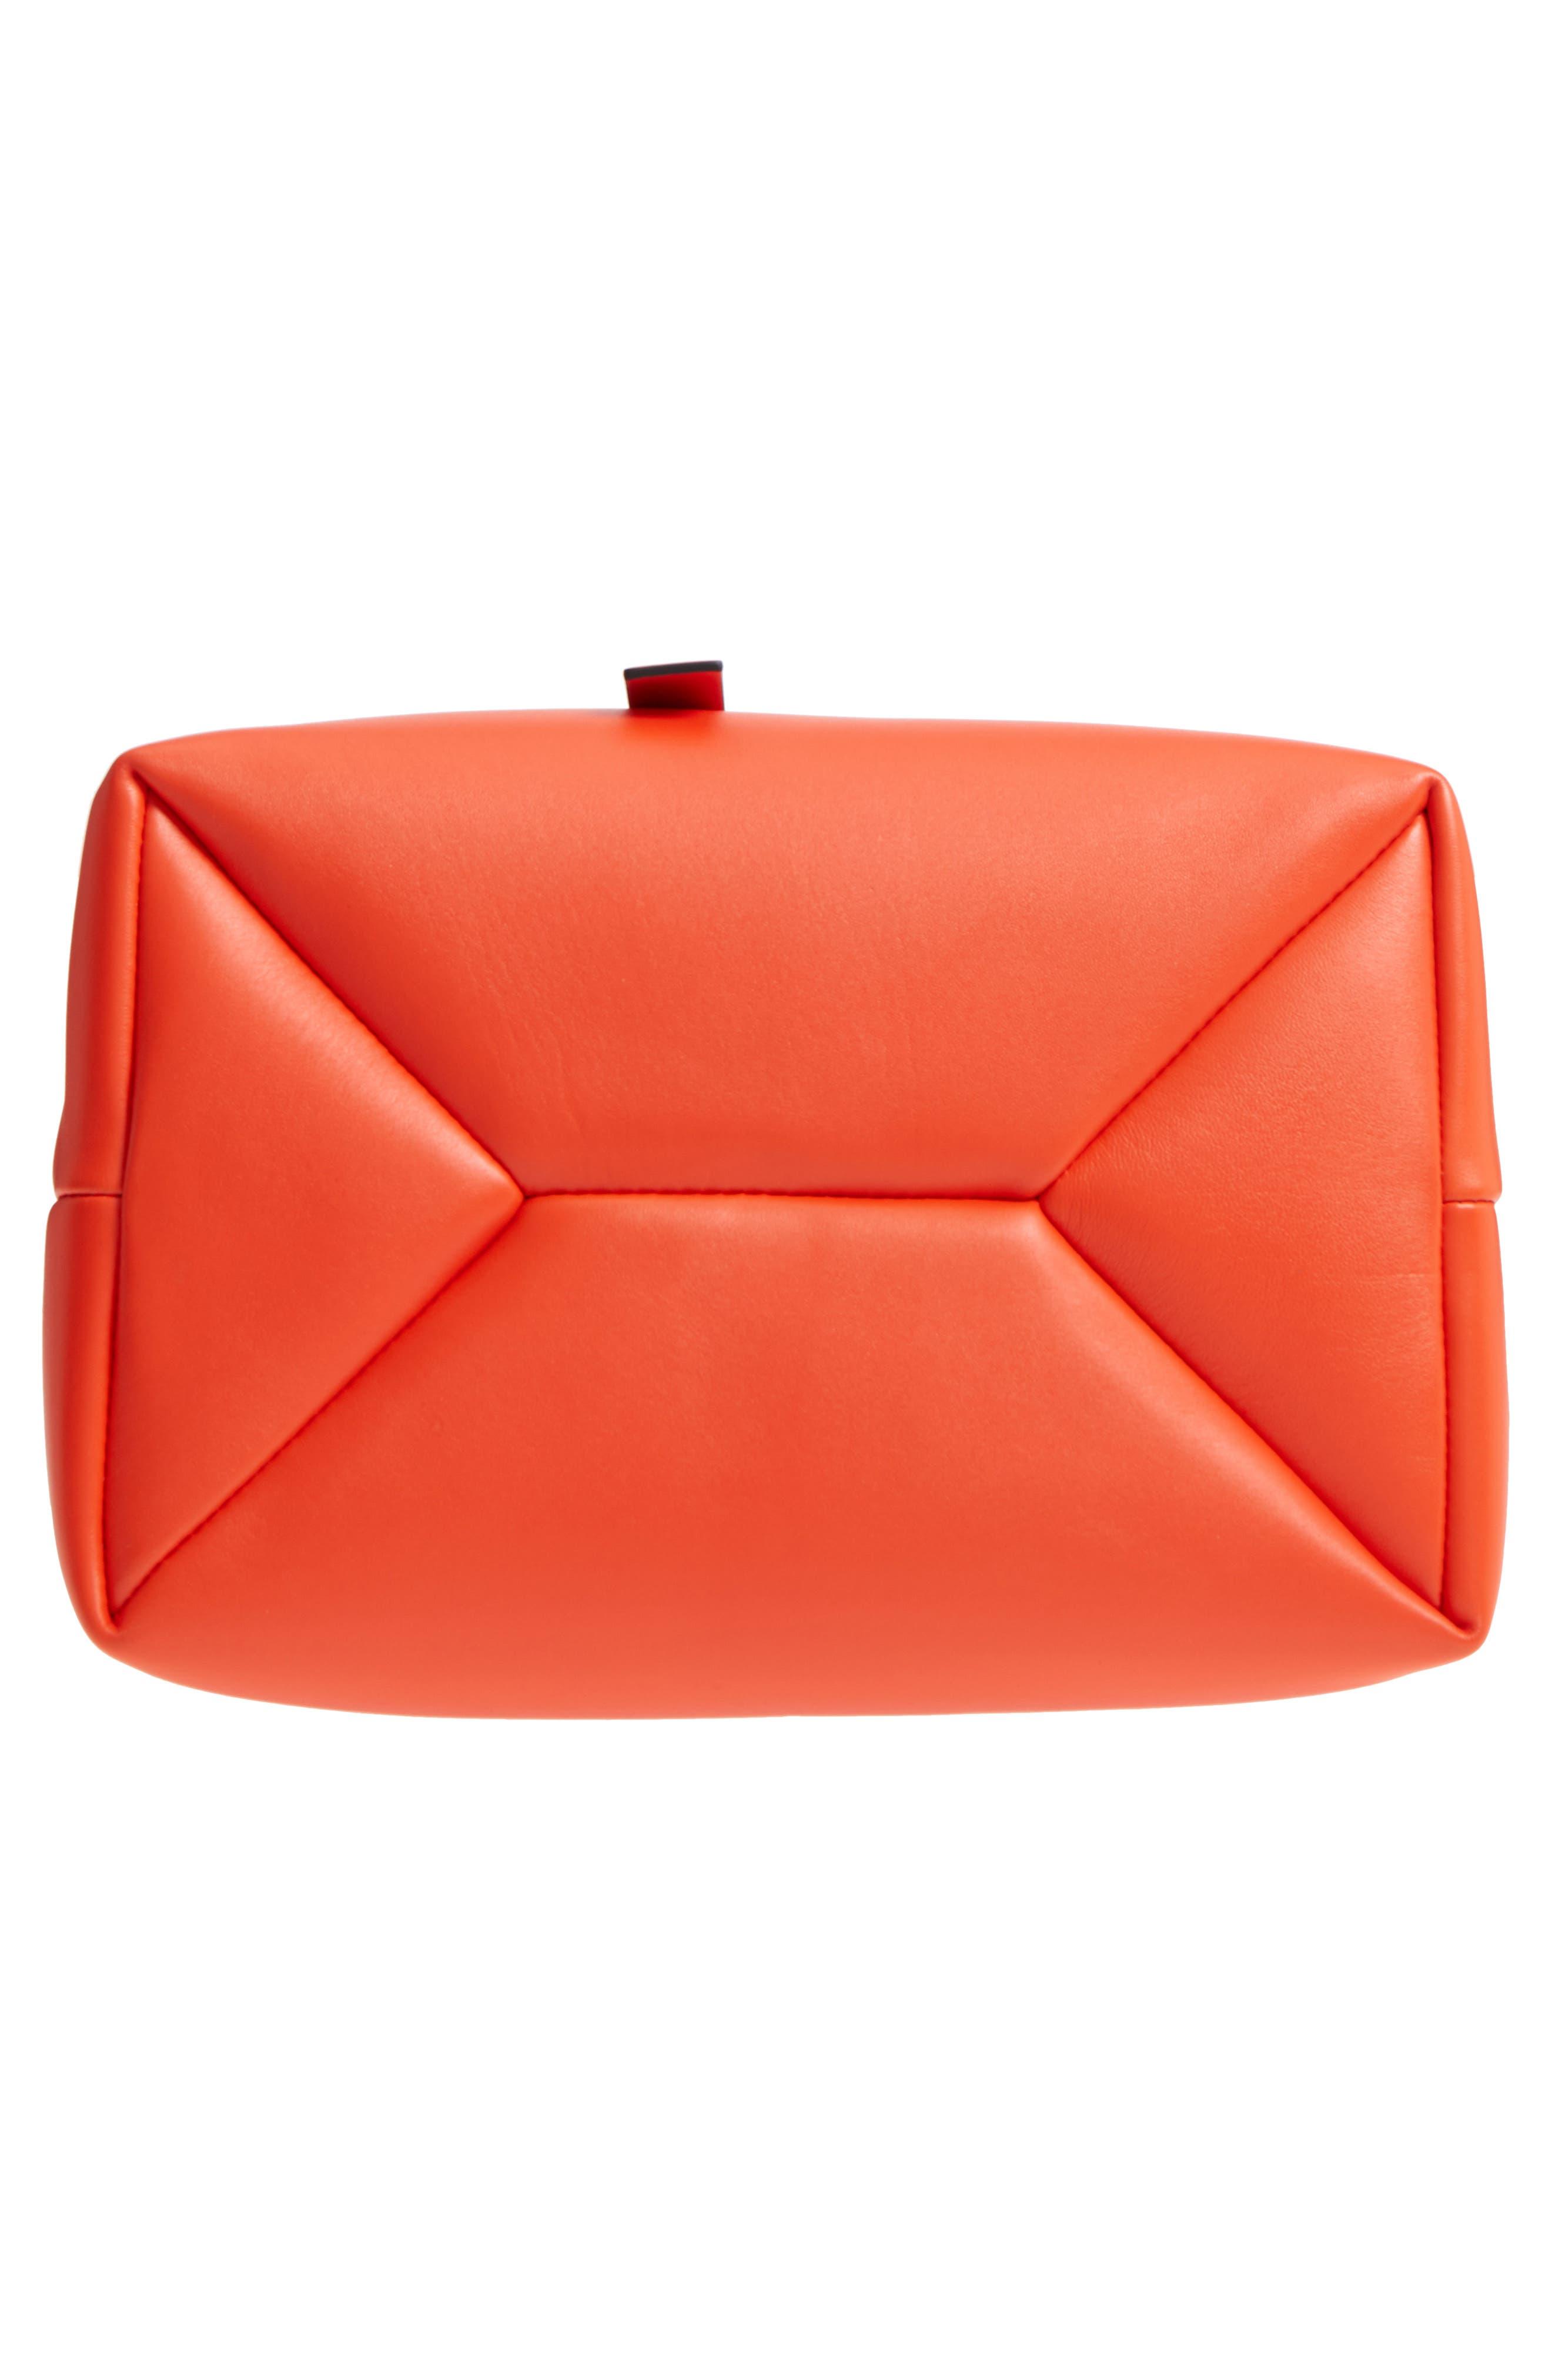 Frame Leather Shoulder Bag,                             Alternate thumbnail 6, color,                             Orange